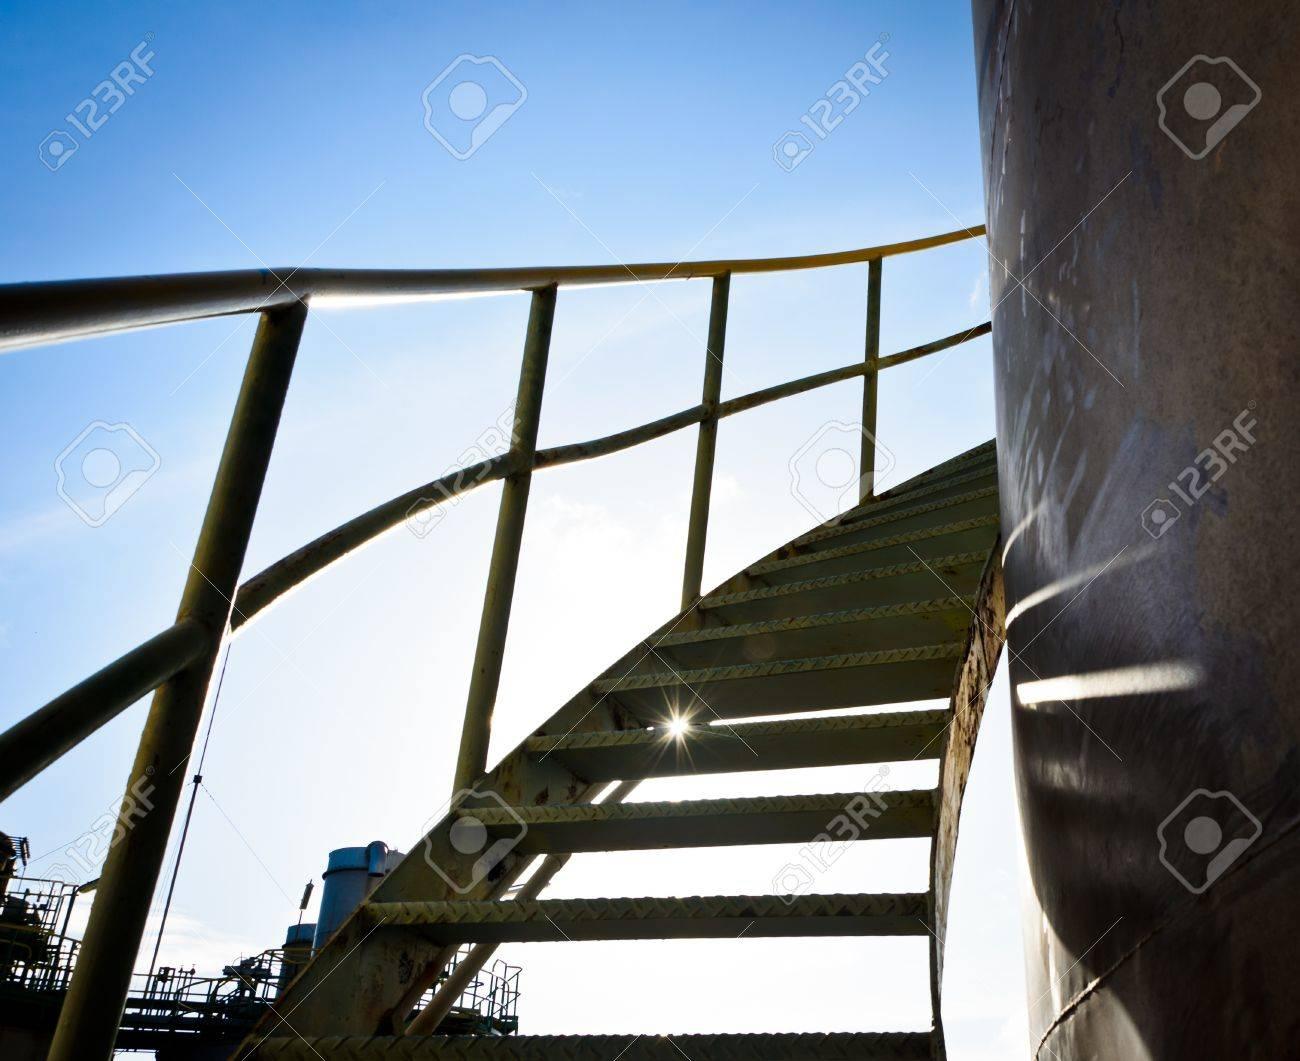 de acero en espiral por las escaleras en el tanque de foto de archivo